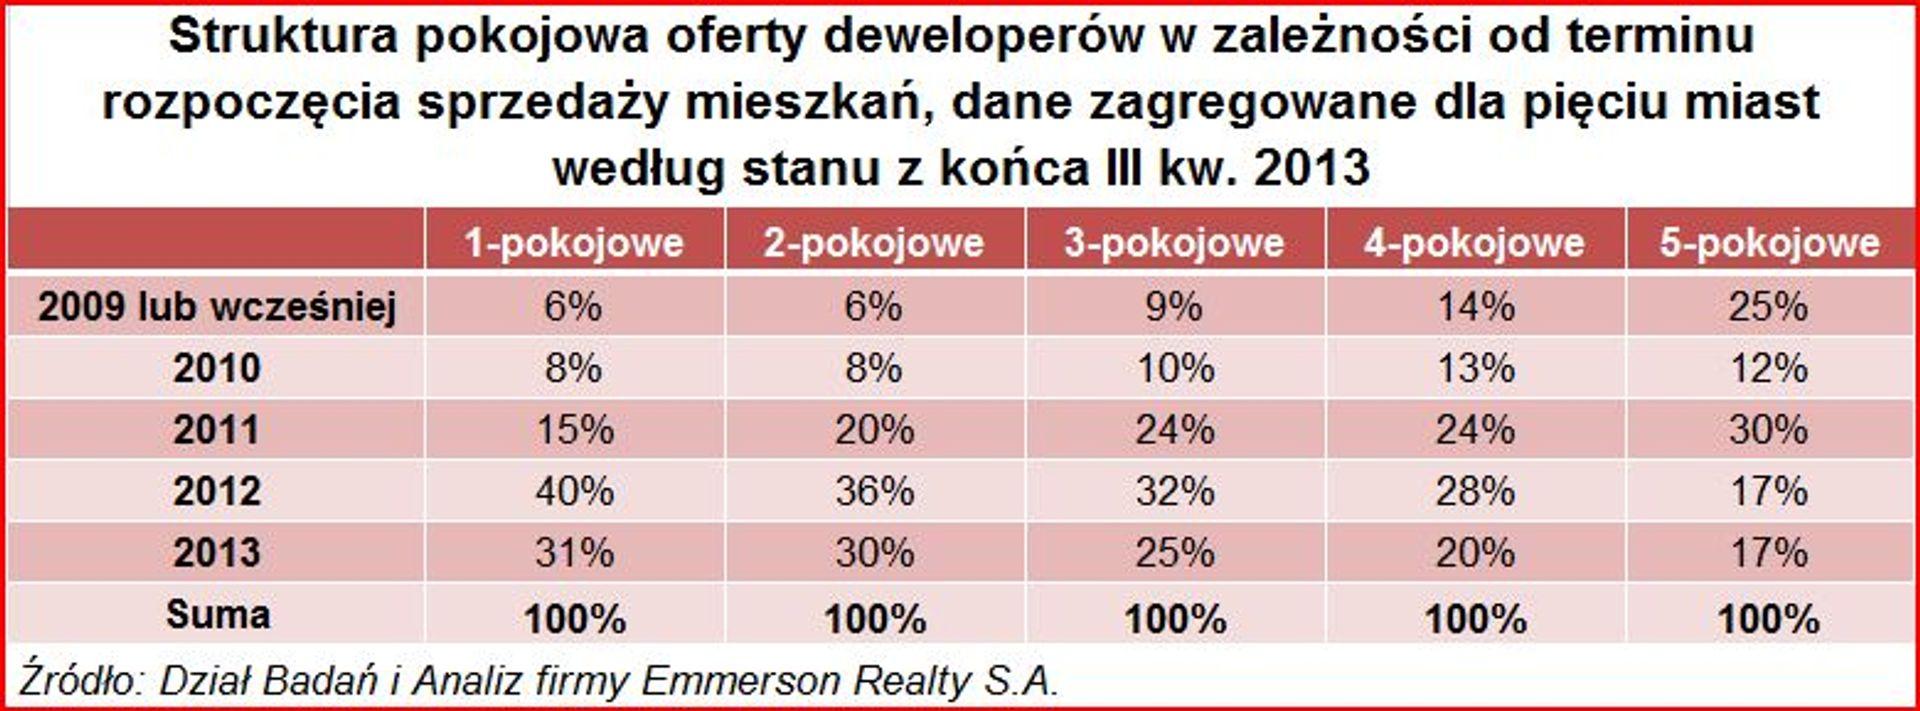 [Polska] Małe mieszkania znikają z rynku. Duże wciąż zalegają w ofercie deweloperów.